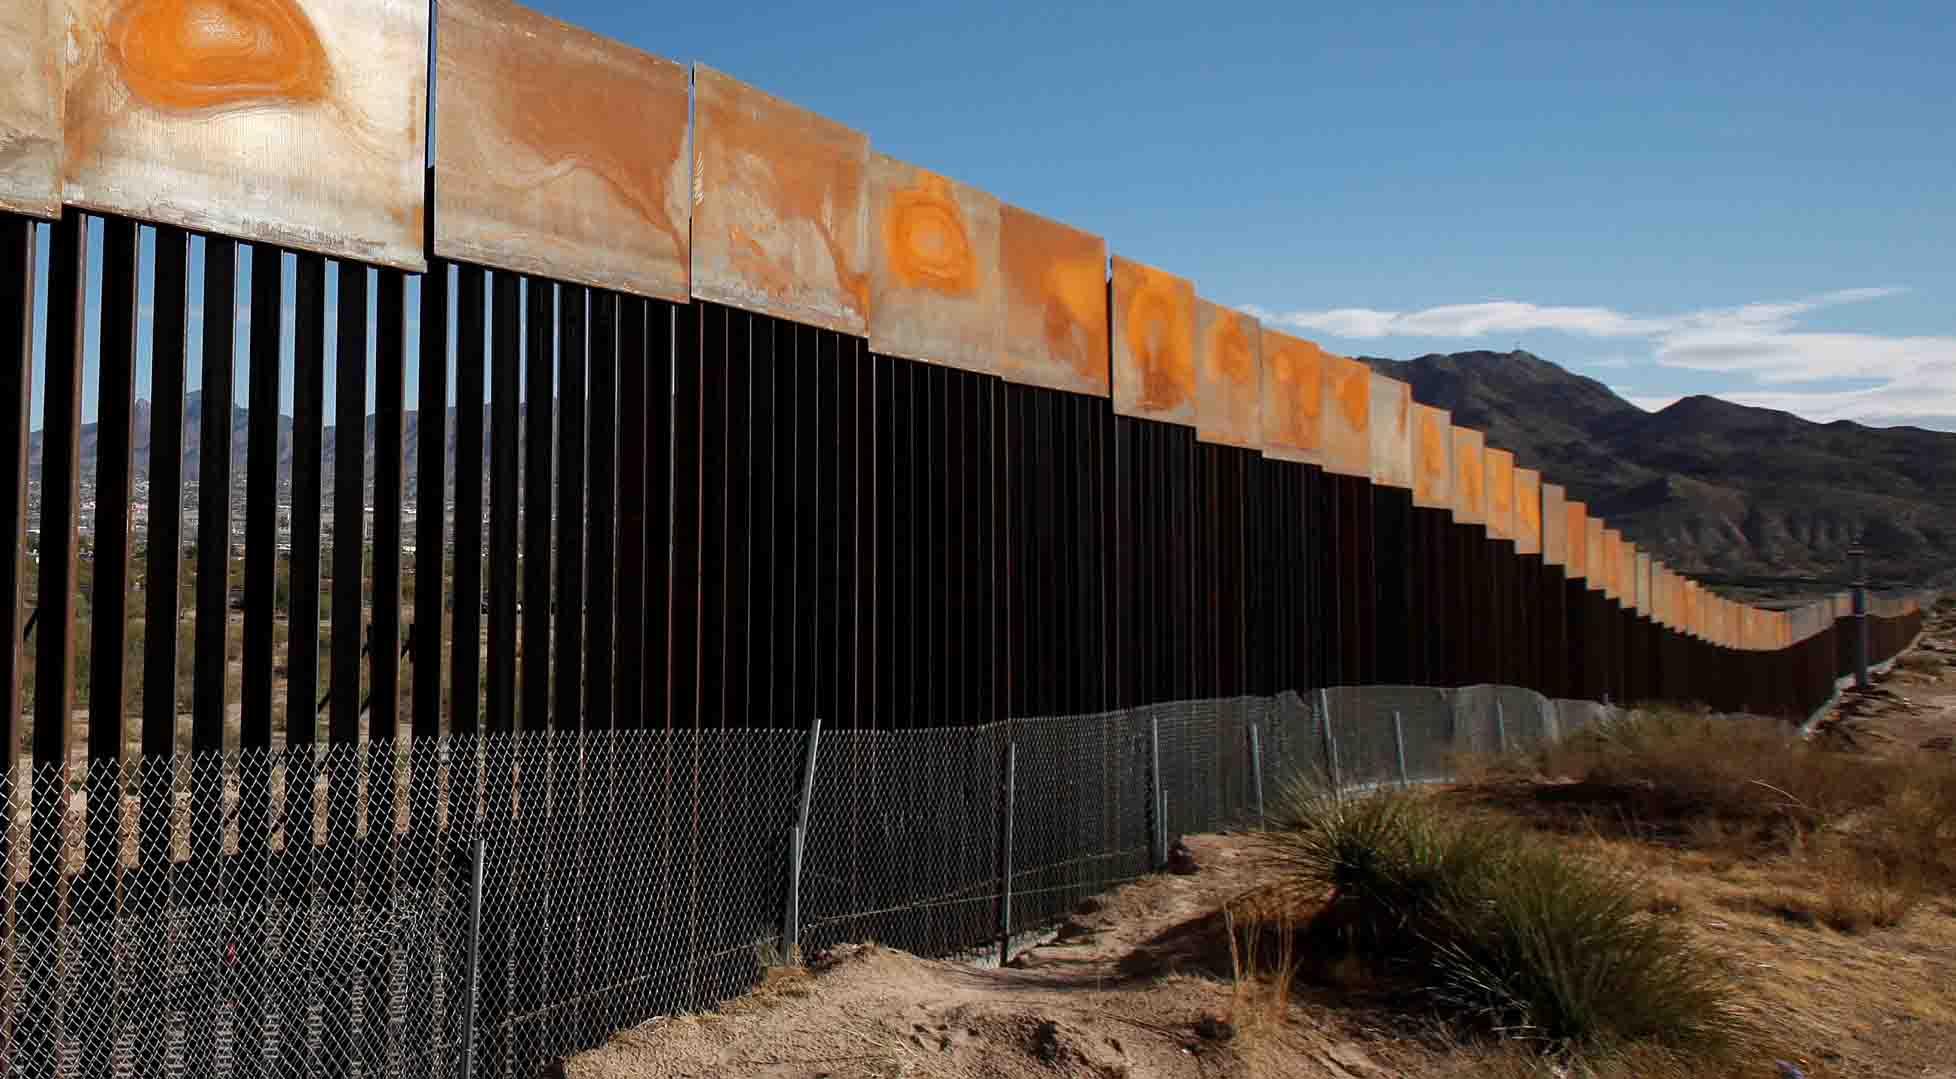 Los gobernadores mexicanos expresaron su rechazo a los planes migratorios de Trump tras considerar que generan un agravio a la humanidad